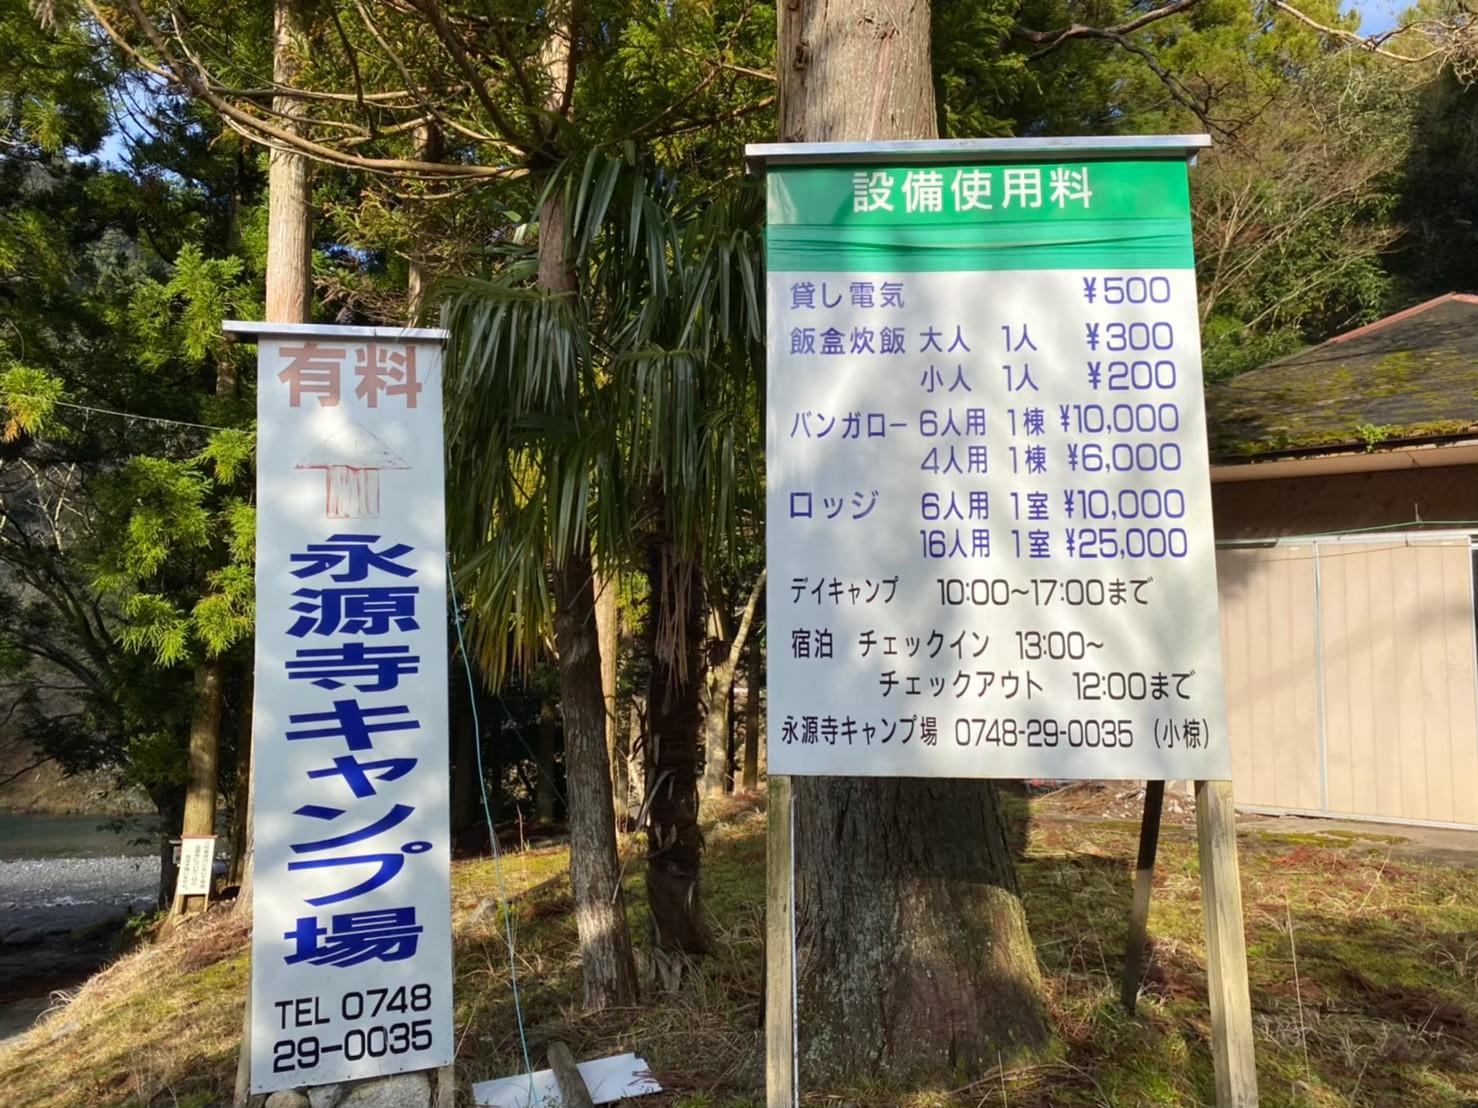 【川遊び・自然豊か|東近江市】『永源寺キャンプ場』攻略ガイド(駐車場・トイレ)